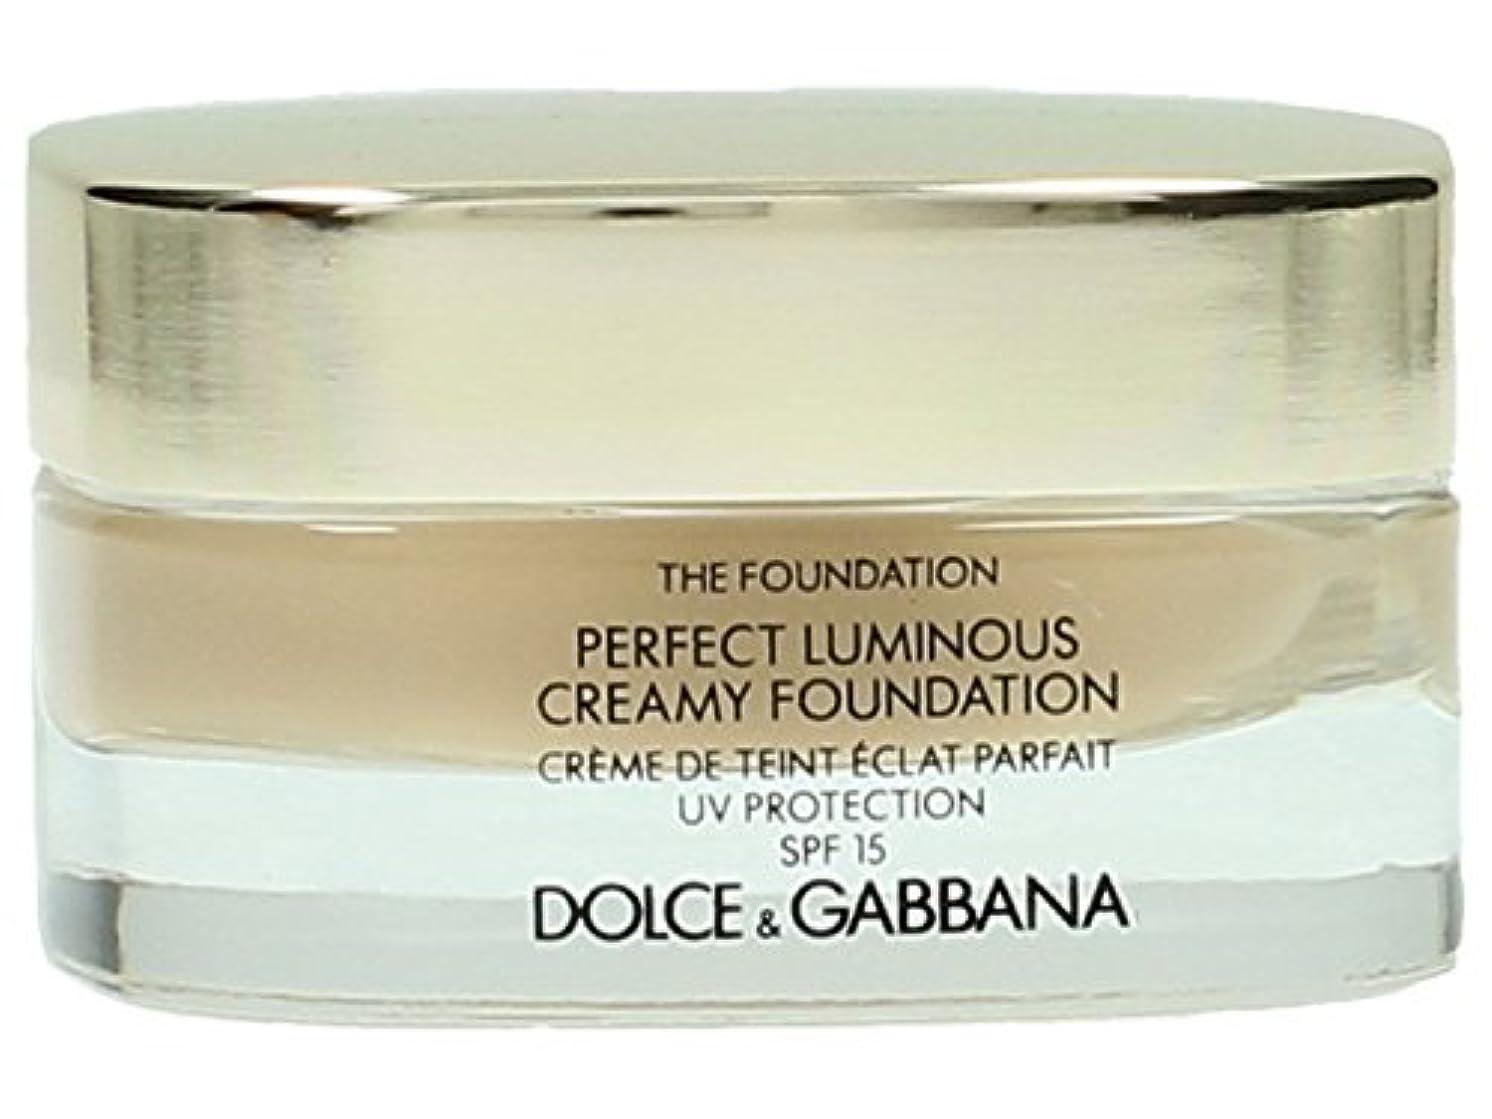 チャーミングバラ色発見するDolce & Gabbana The Foundation Perfect Finish Creamy Foundation SPF 15 - # 120 Natural Beige 30ml